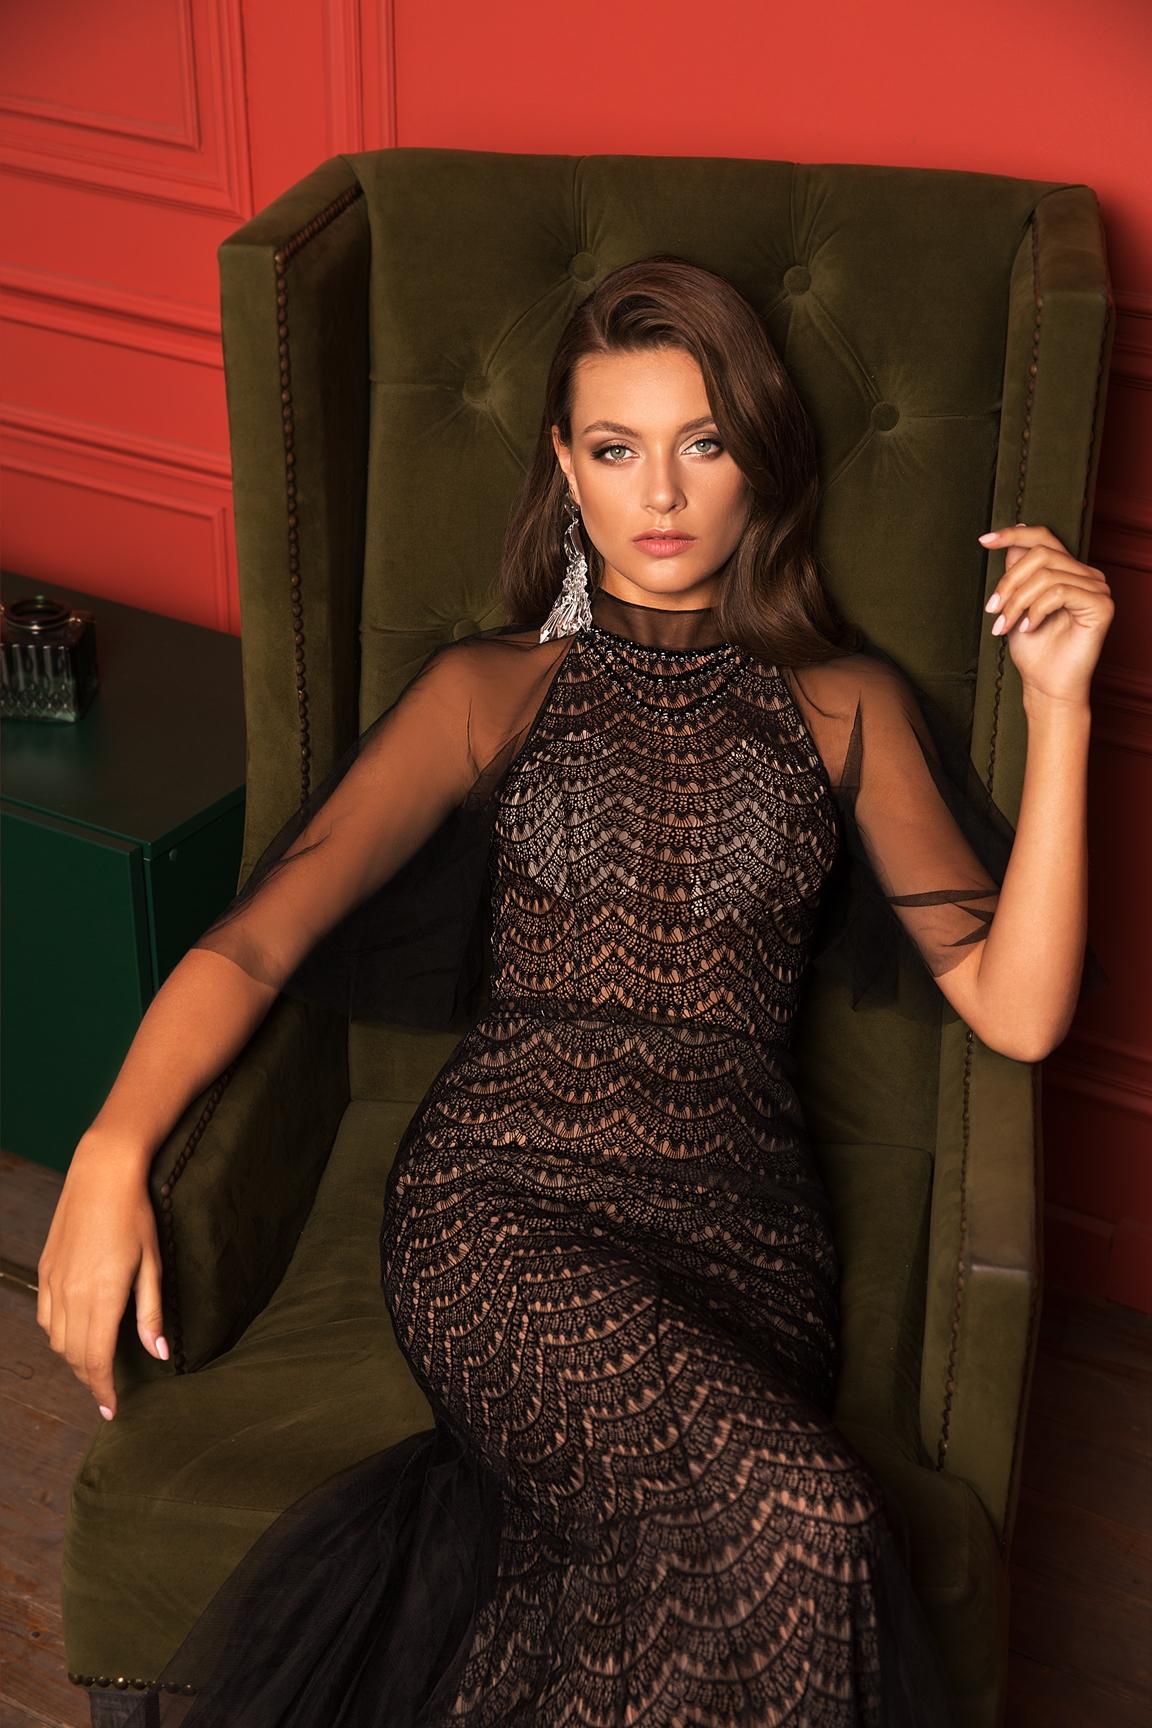 Вечерние платья от салона Мадейра 3